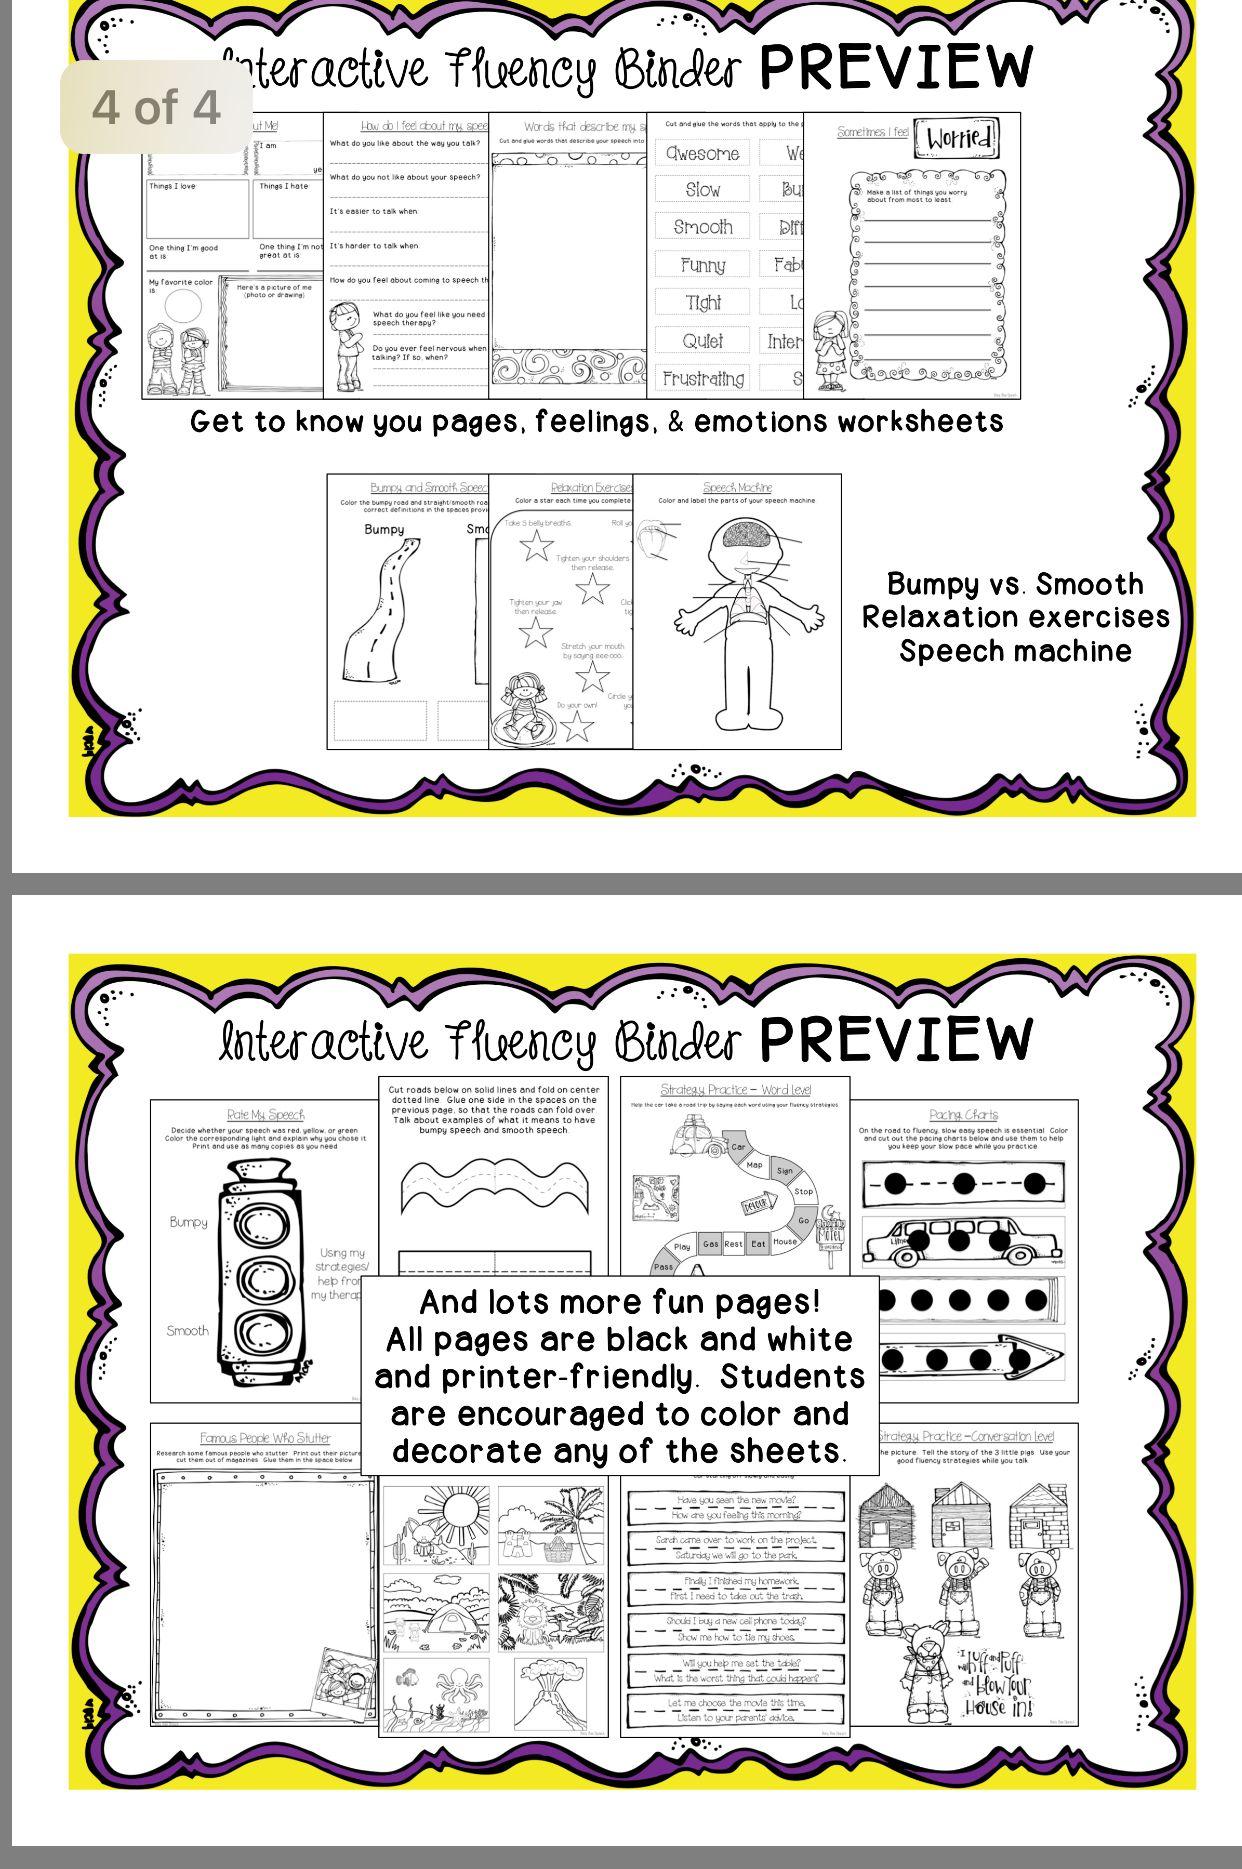 Pin By Speech56 On Fluency